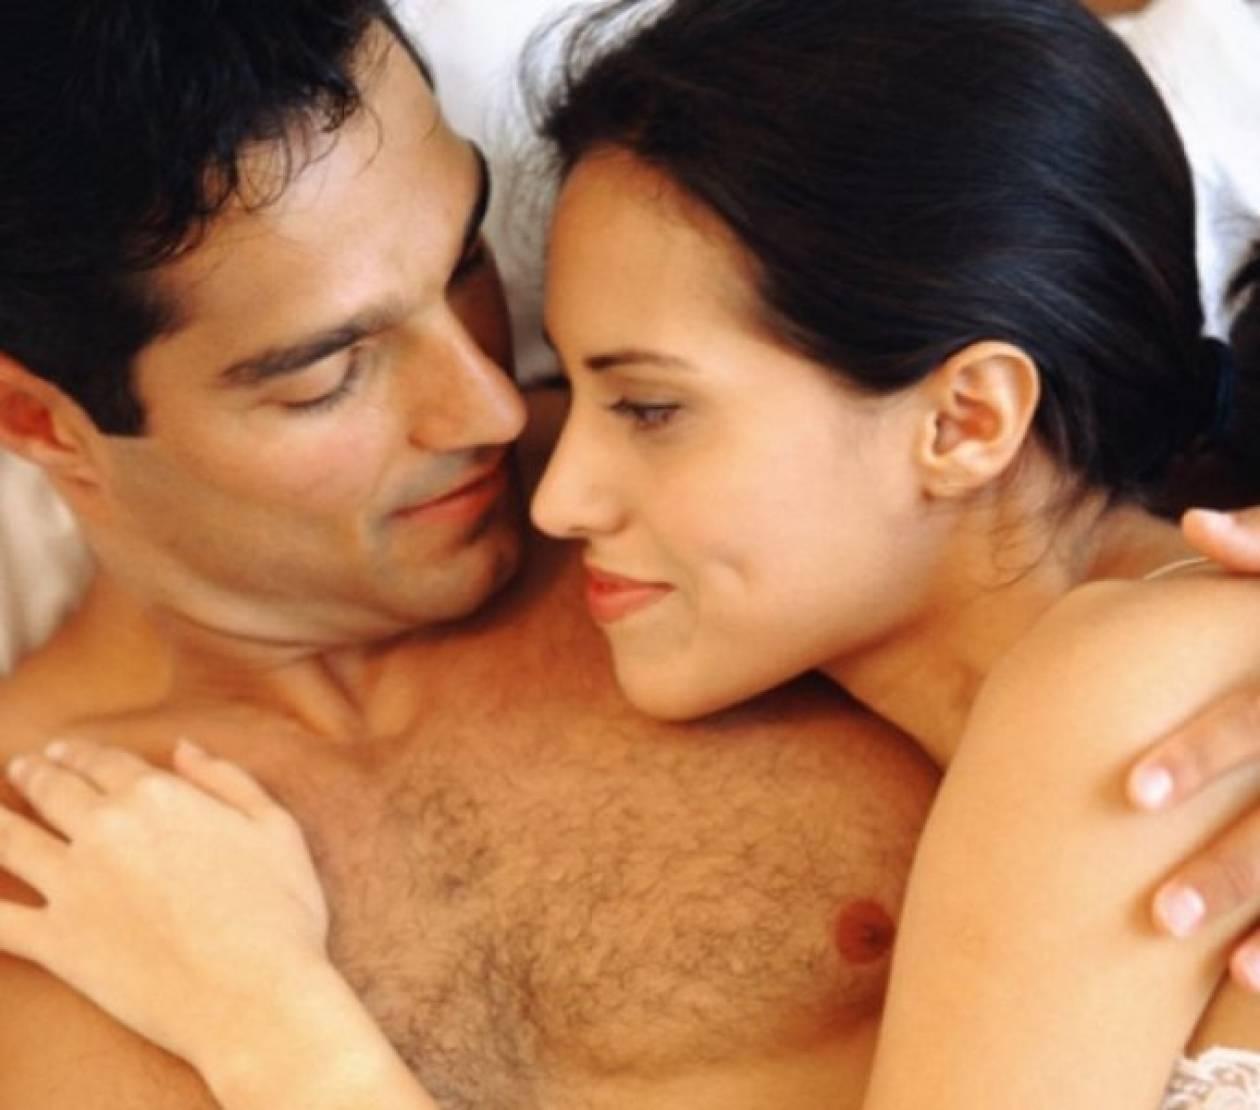 Σεξ και …τριχοφυΐα